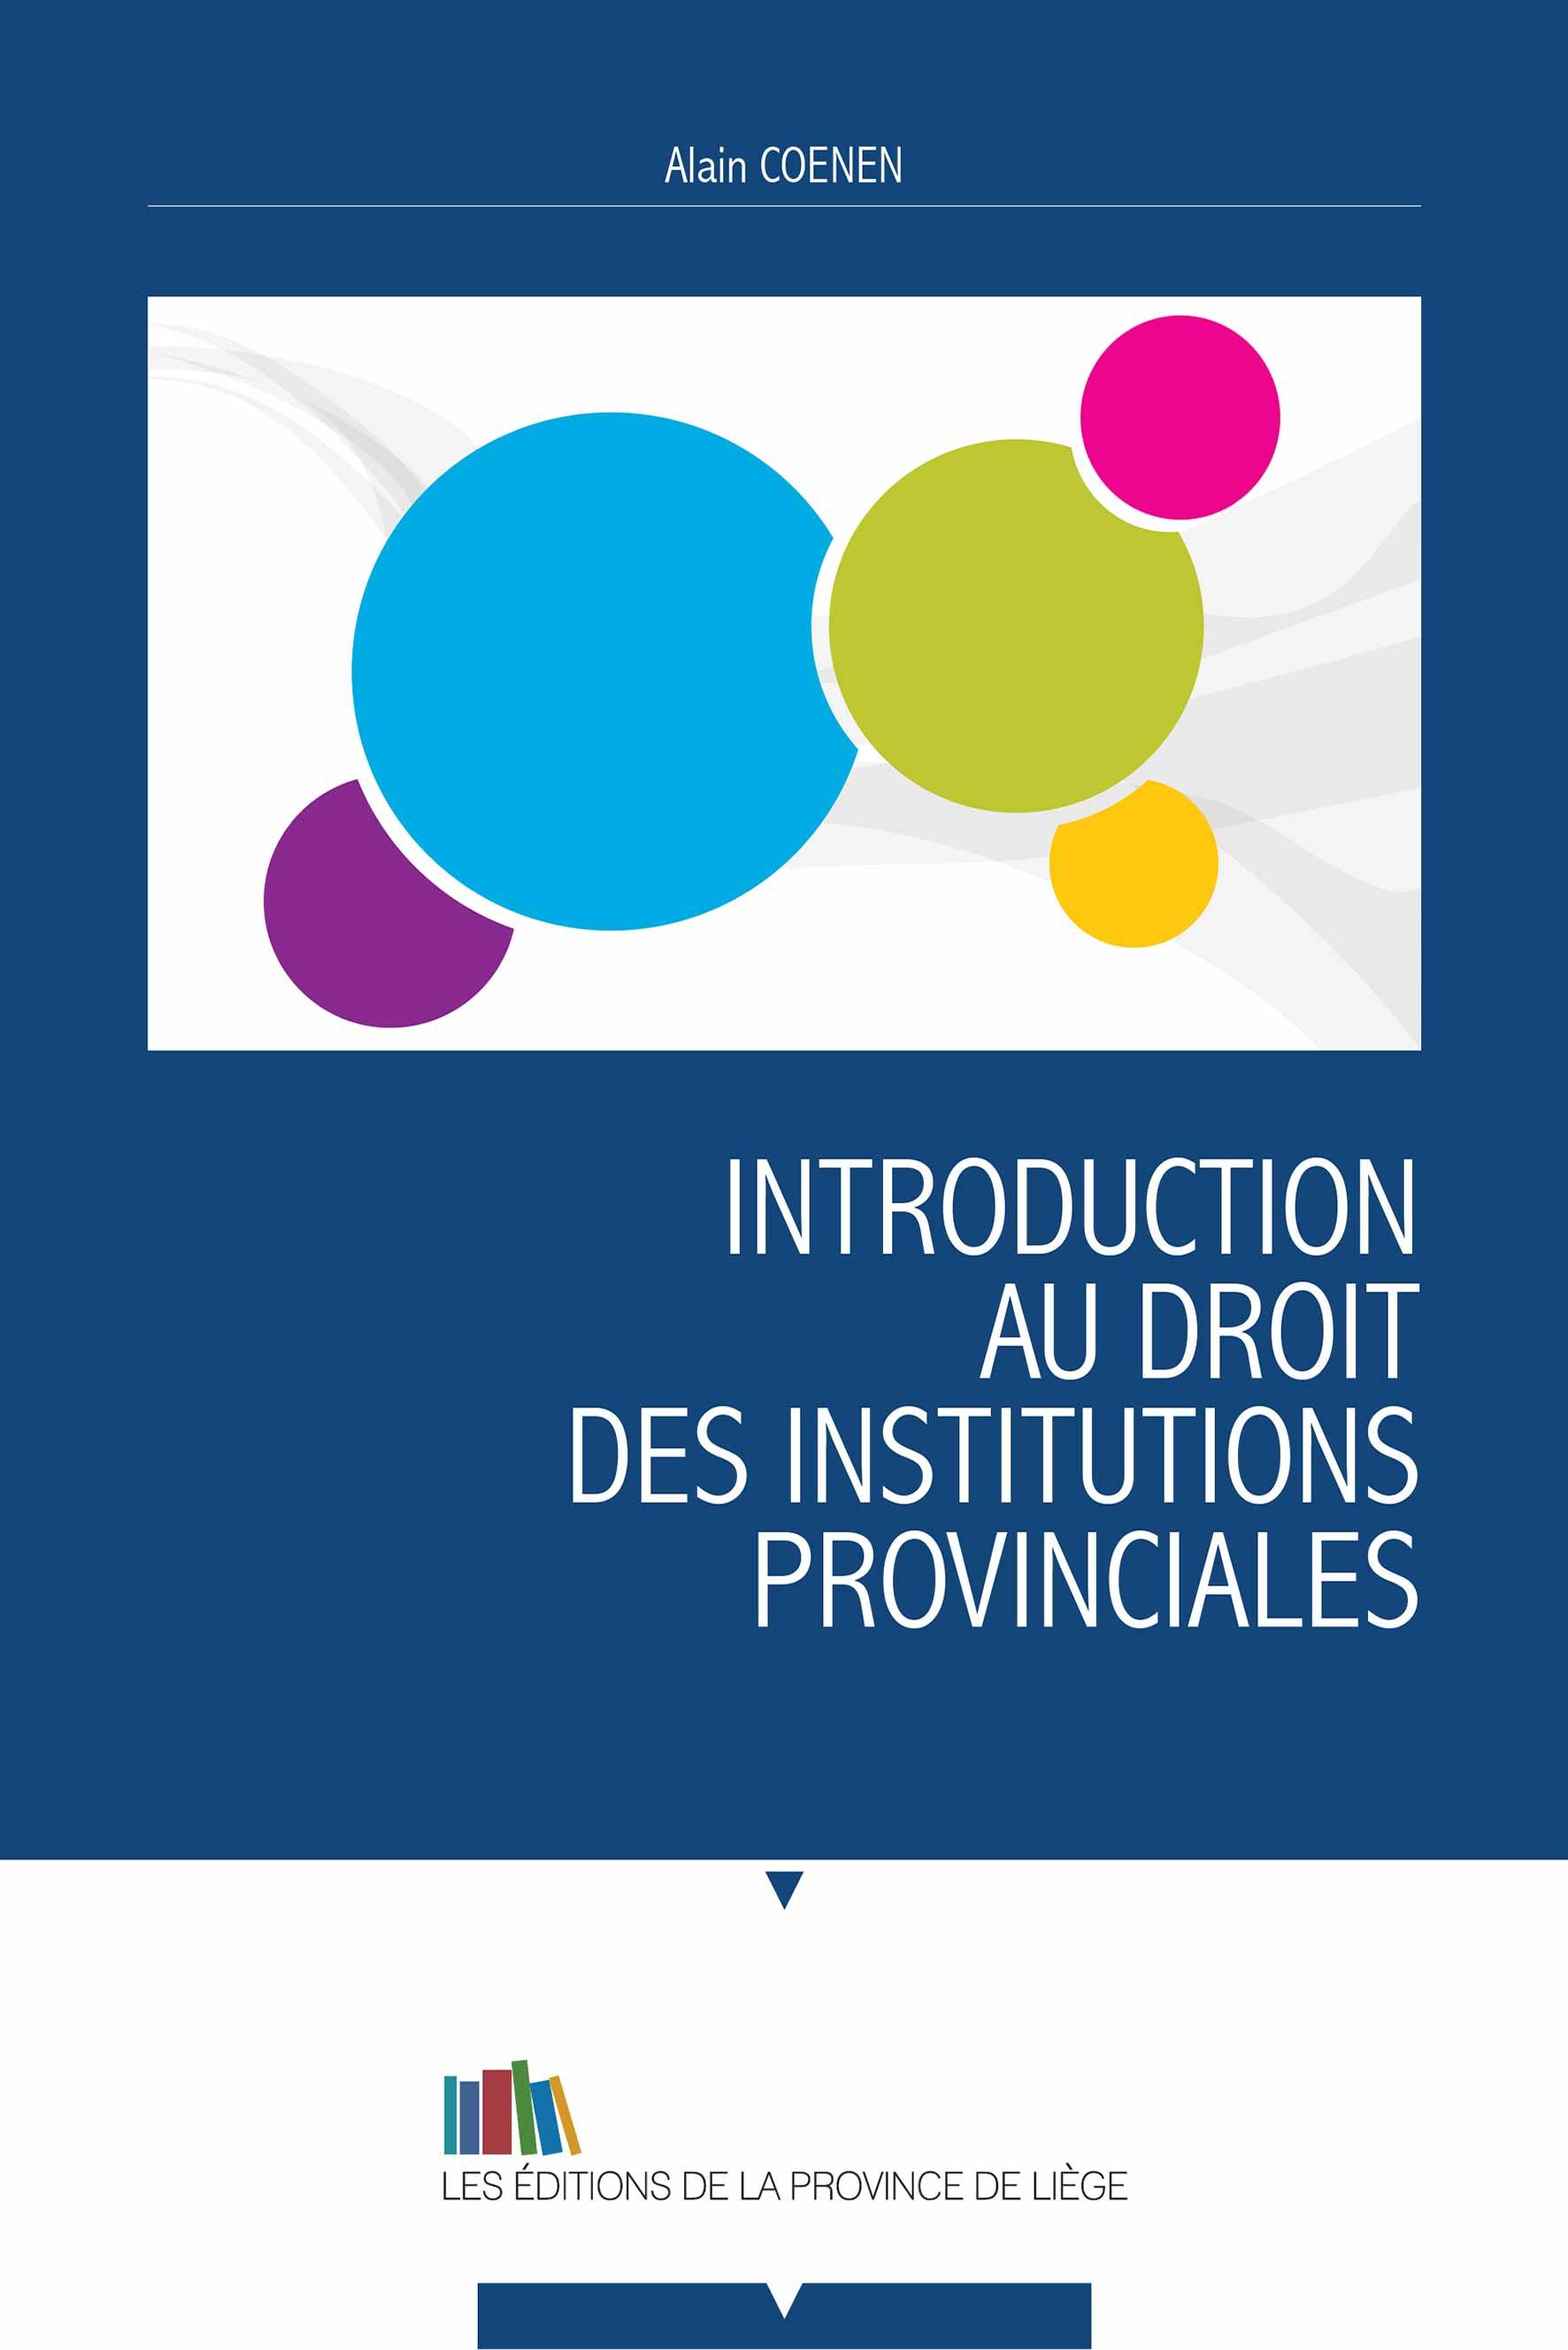 Introduction au droit des institutions provinciales